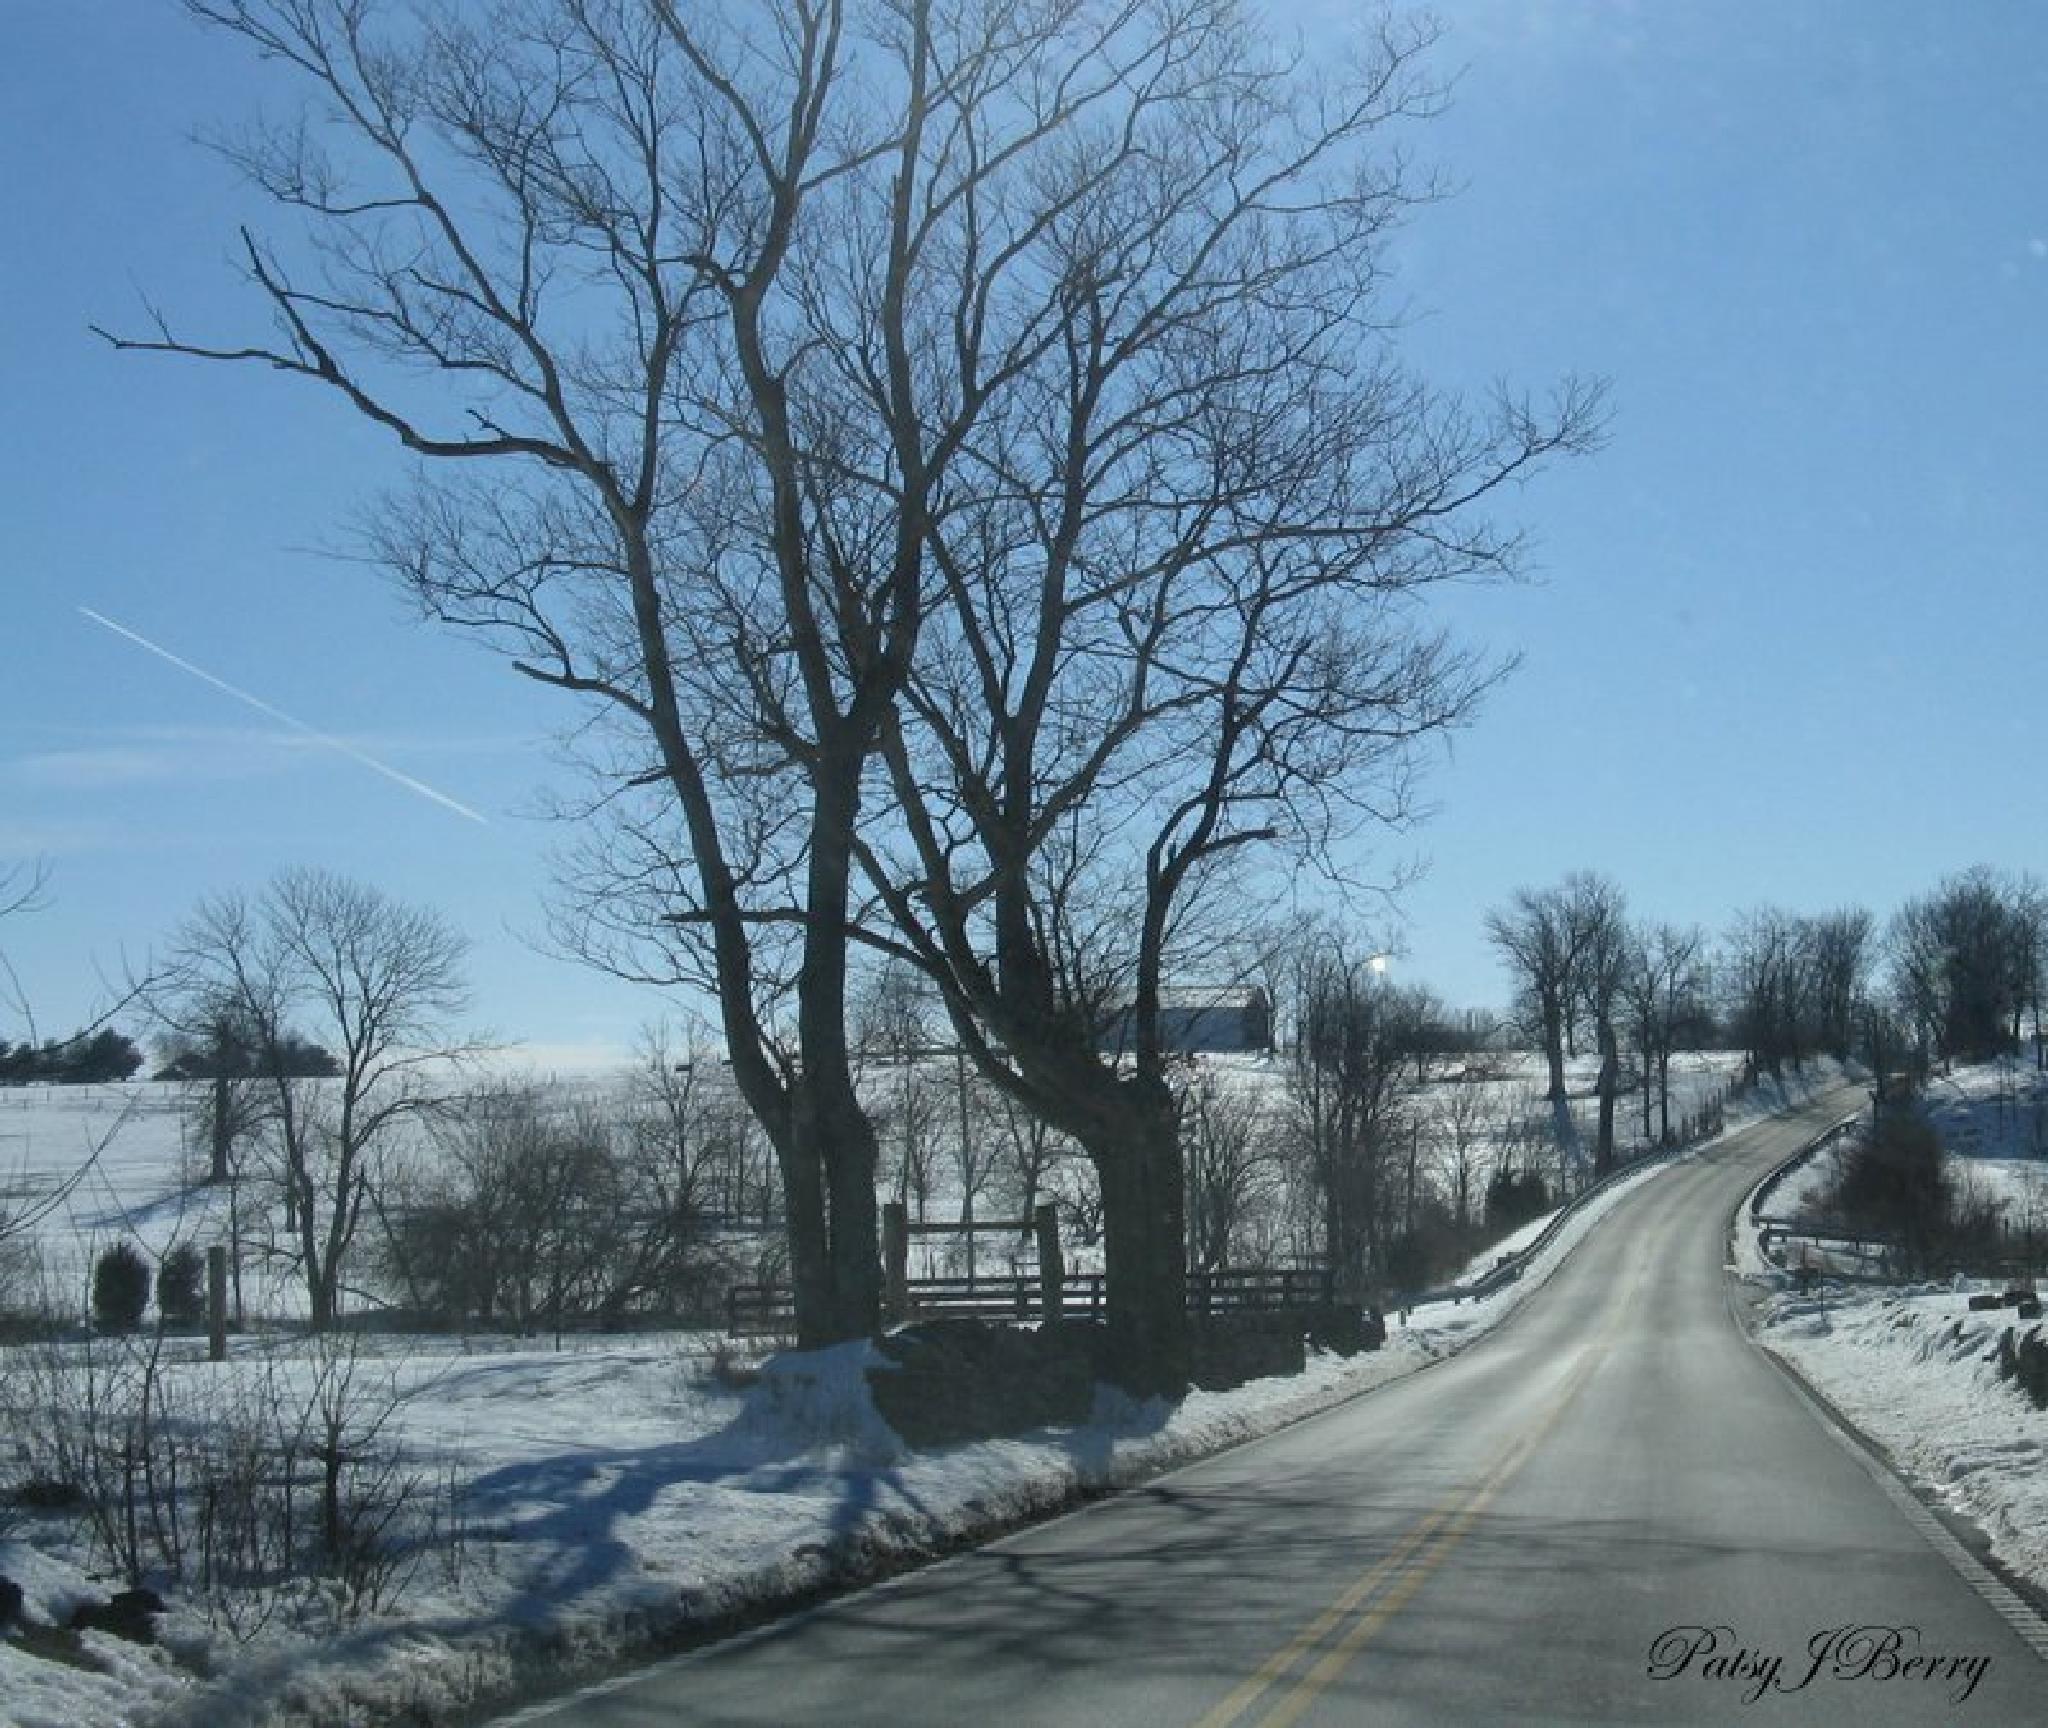 Kentucky back roads in snow by Kat